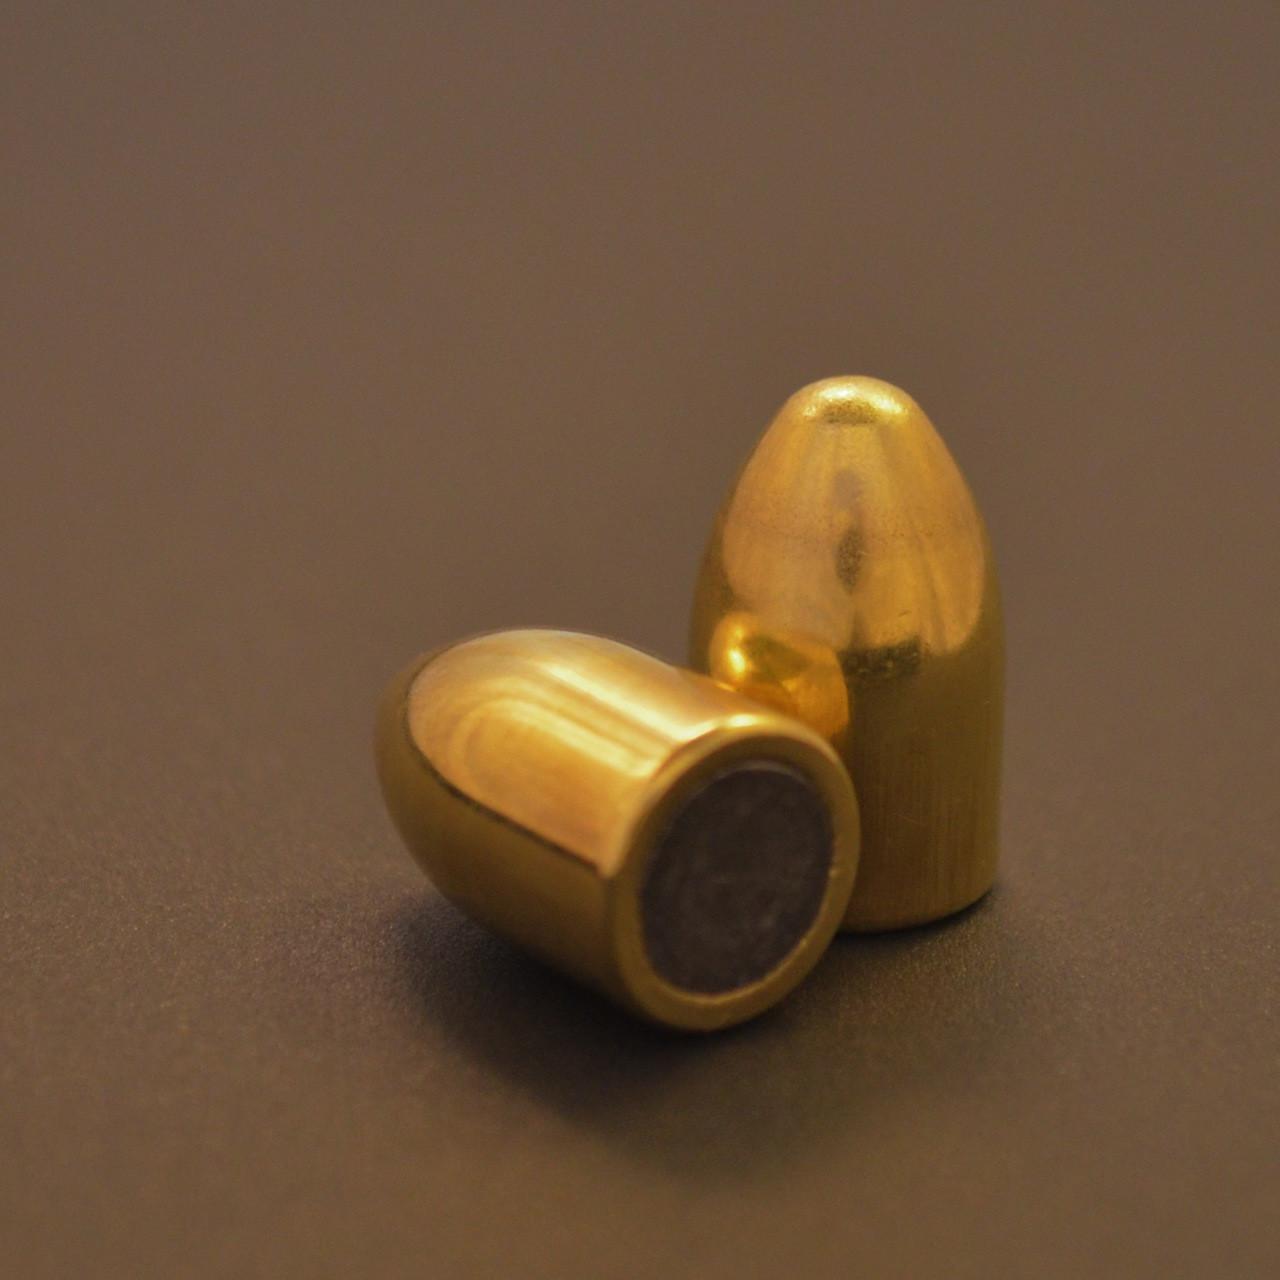 9mm/124gr FMJ - 3,750ct CASE